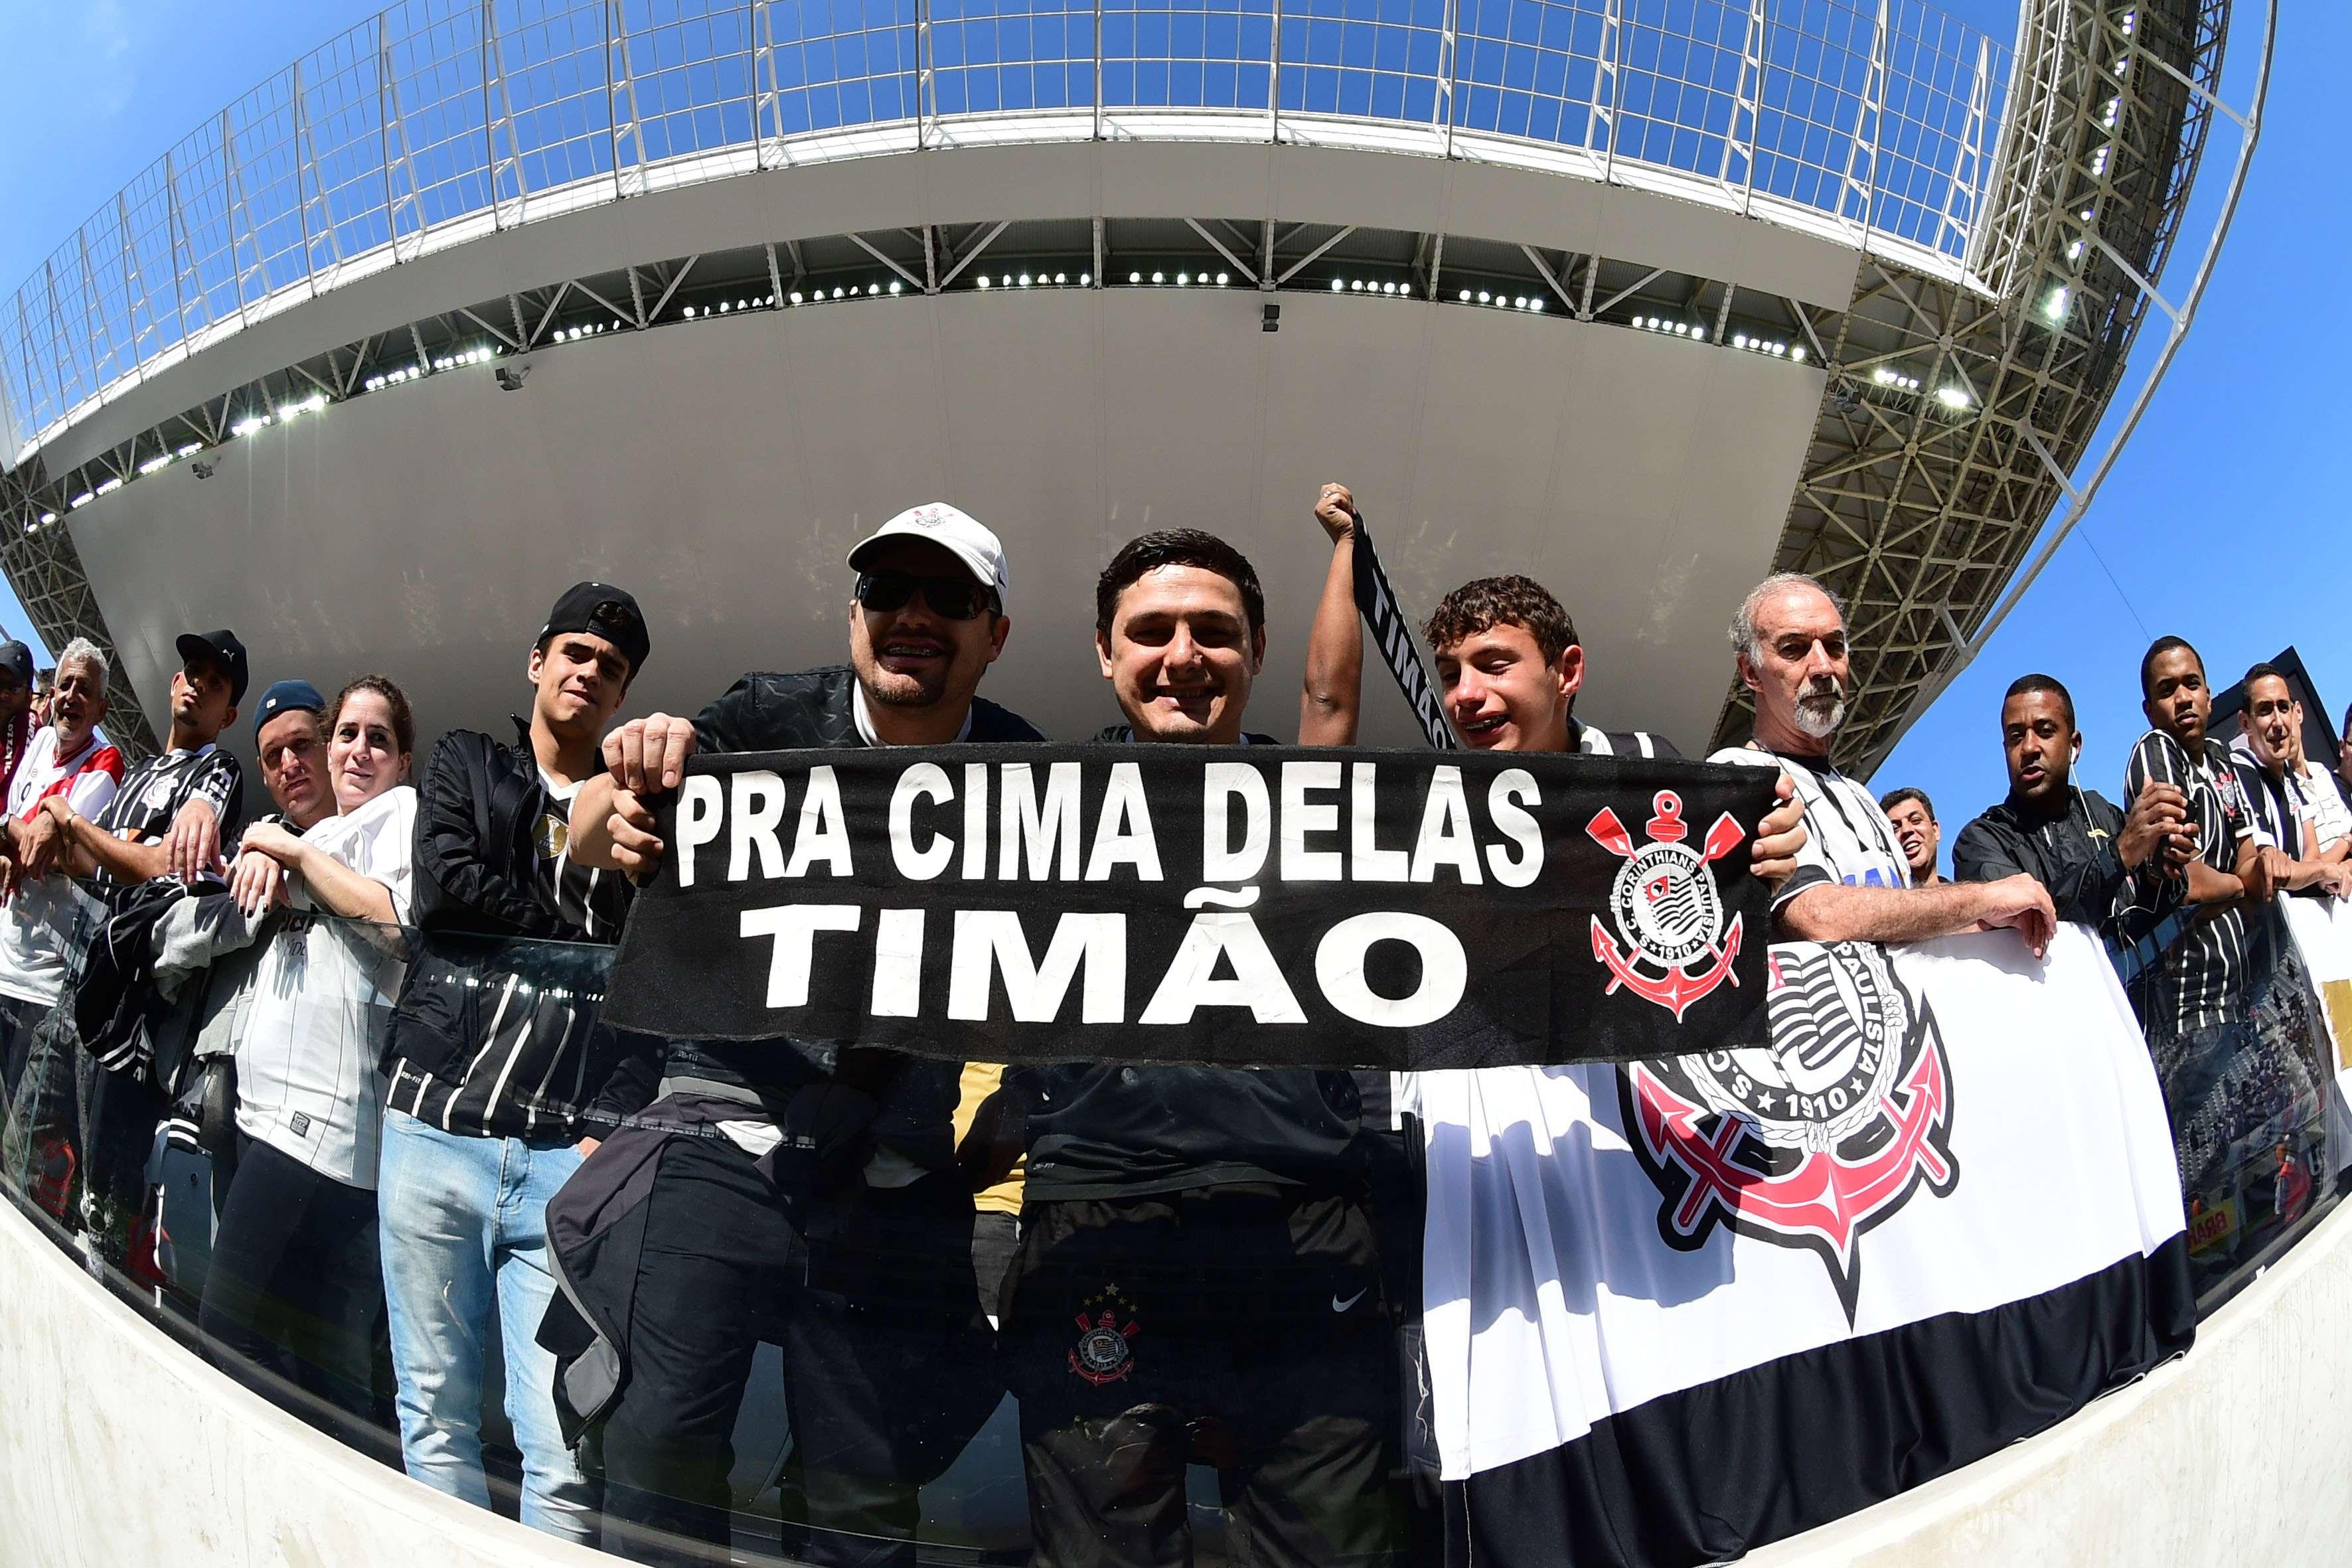 Torcidas serão investigadas por homofobia em Corinthians x São Paulo Foto: Djalma Vassão/Gazeta Press